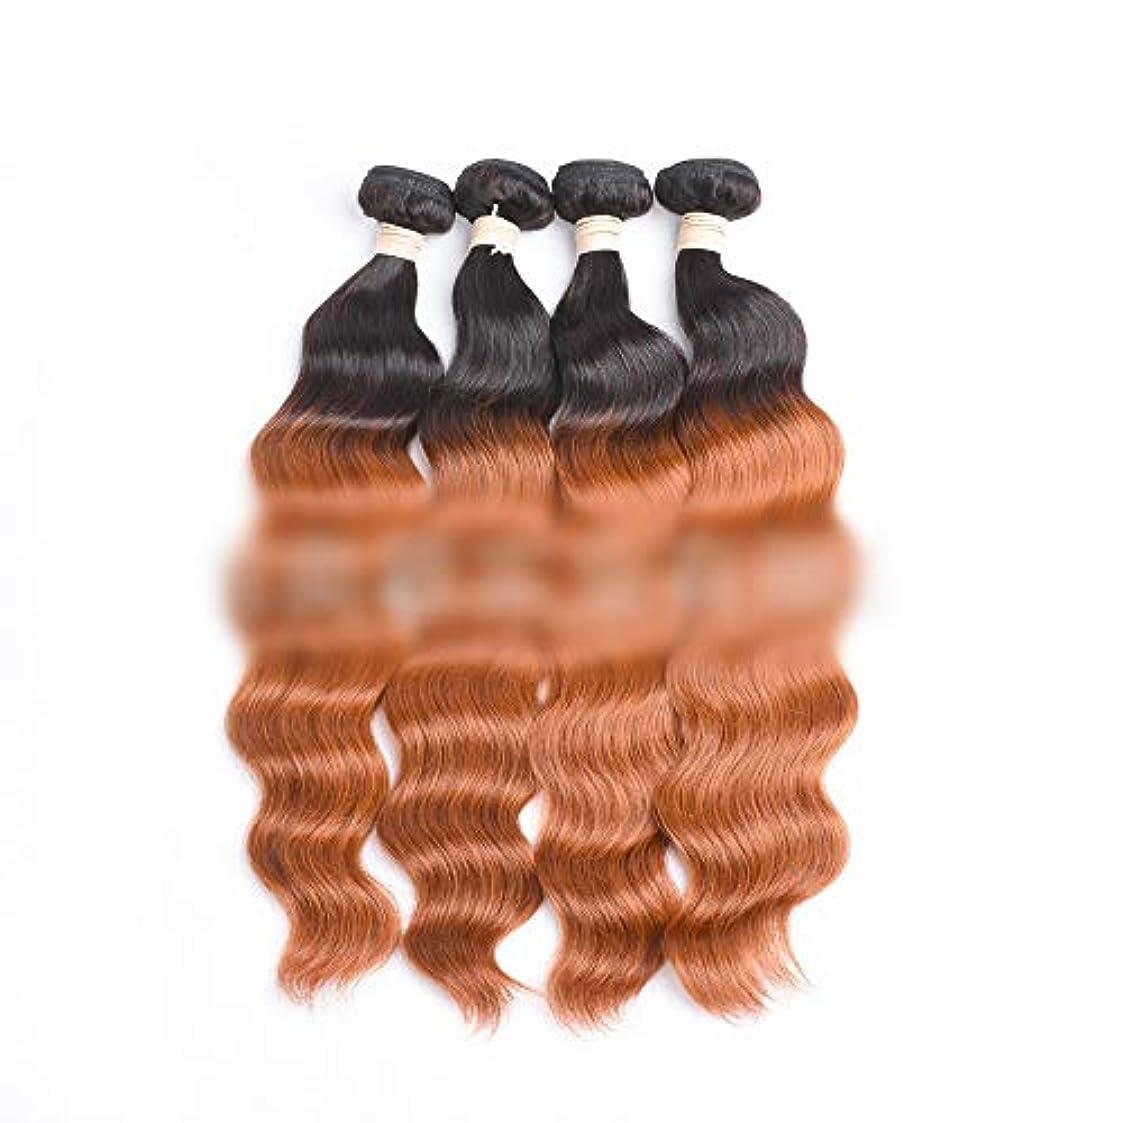 宝ファランクス違反HOHYLLYA ブラジルのオーシャンウェーブヘア1バンドル未処理の人間の髪の毛の拡張子 - #30明るい茶色の色ロールプレイングかつら女性の自然なかつら (色 : ブラウン, サイズ : 14 inch)